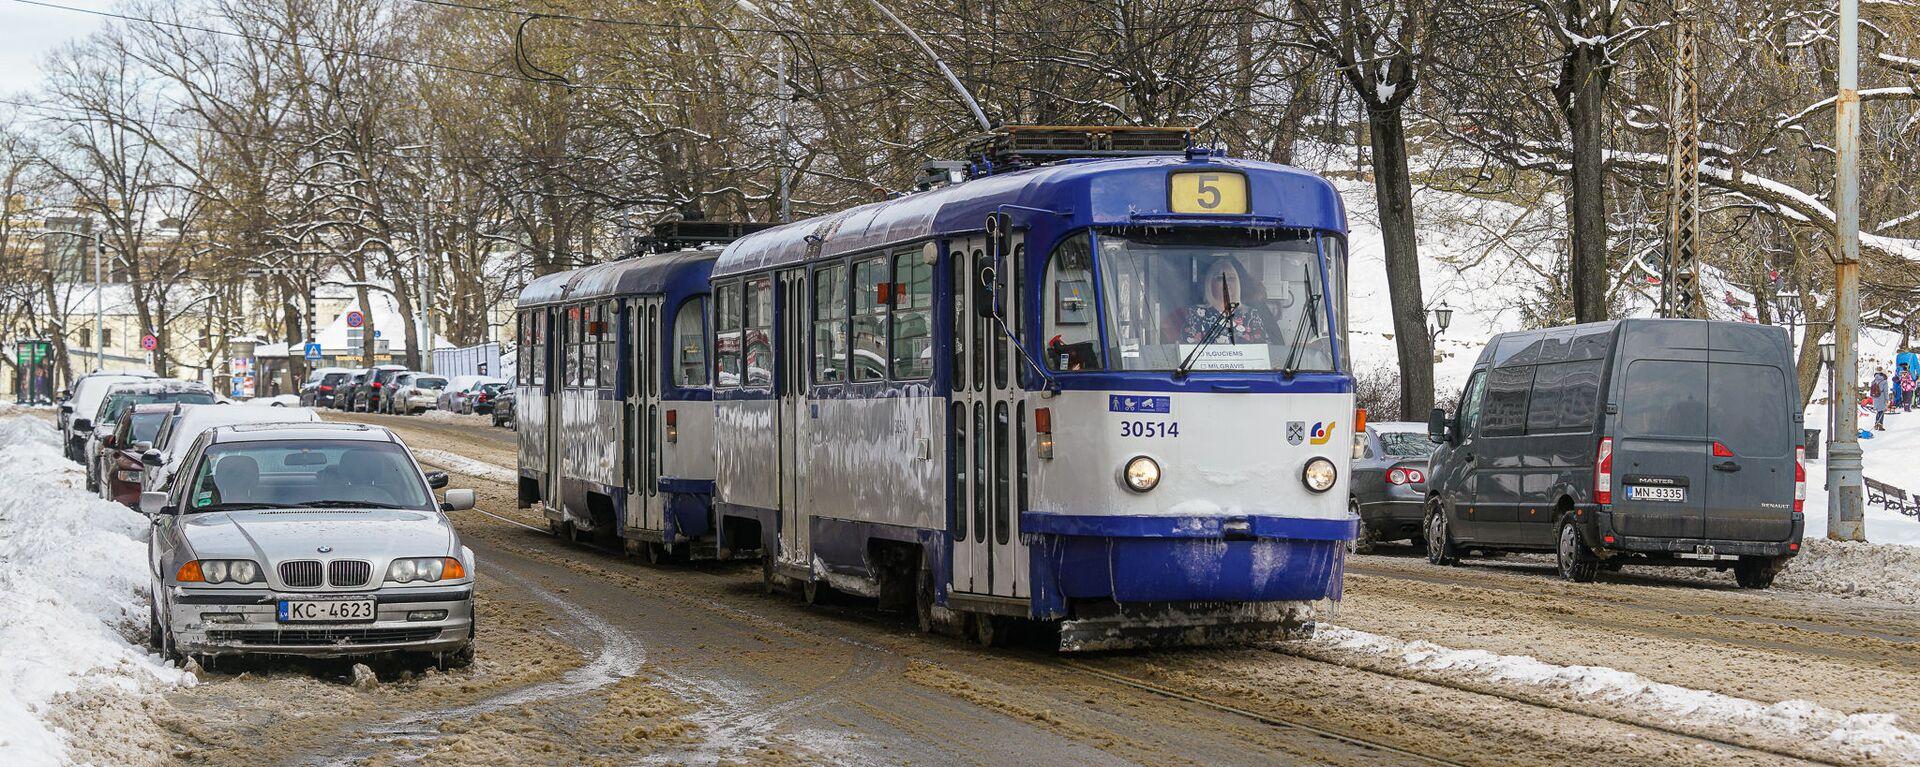 Трамвай зимой в Риге - Sputnik Латвия, 1920, 11.03.2021